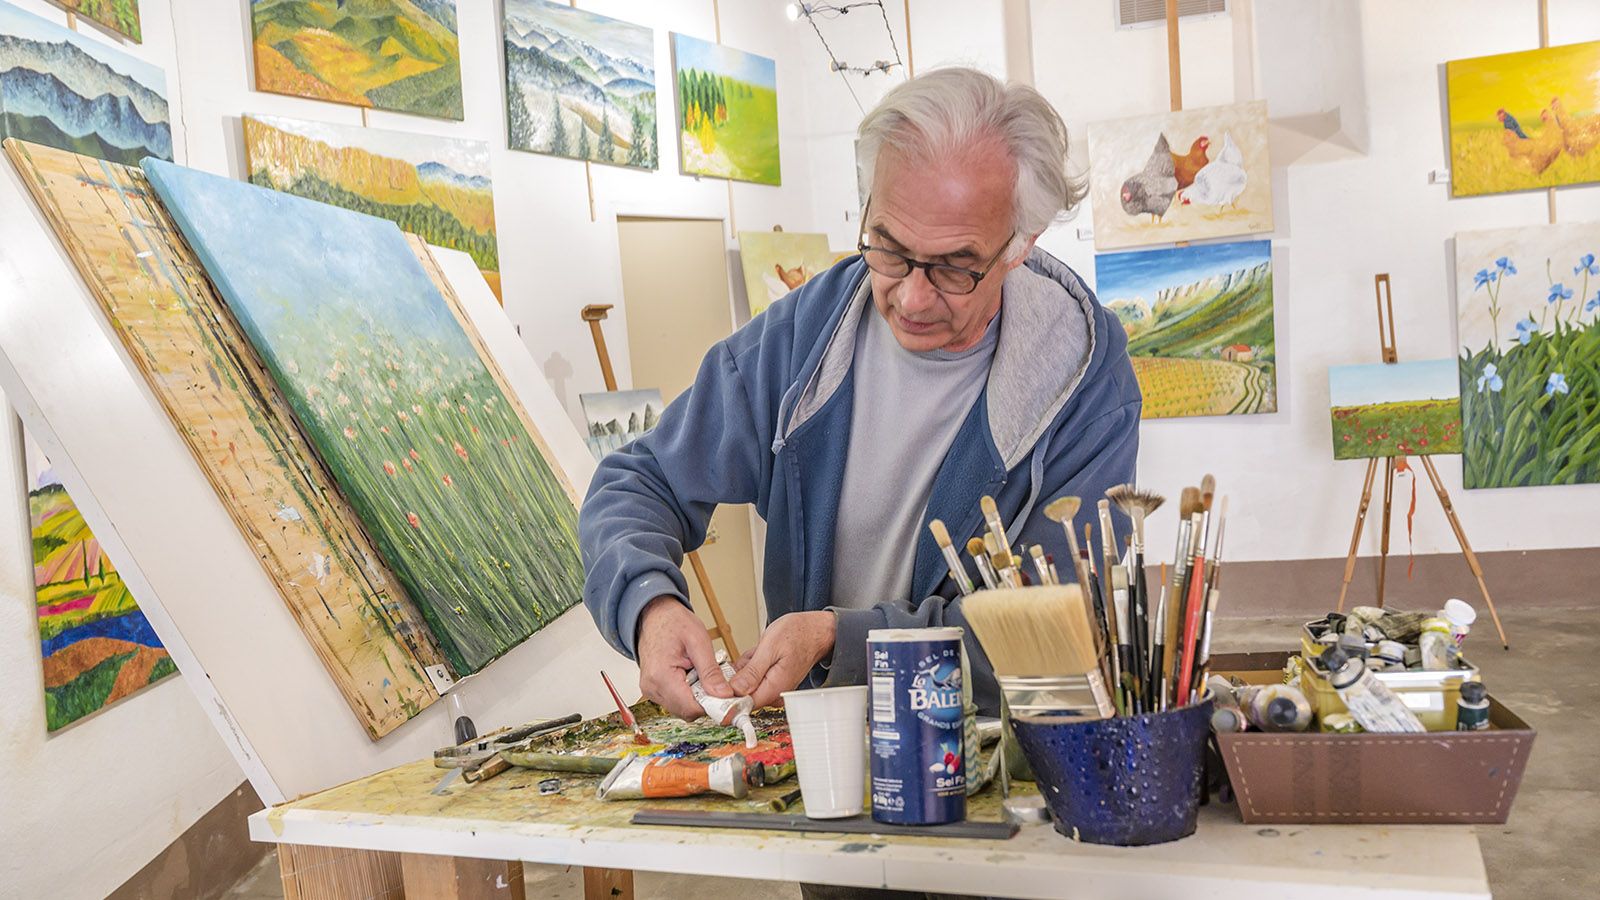 Philippe Roitg mischt seine Farben. Foto: Hilke Maunder